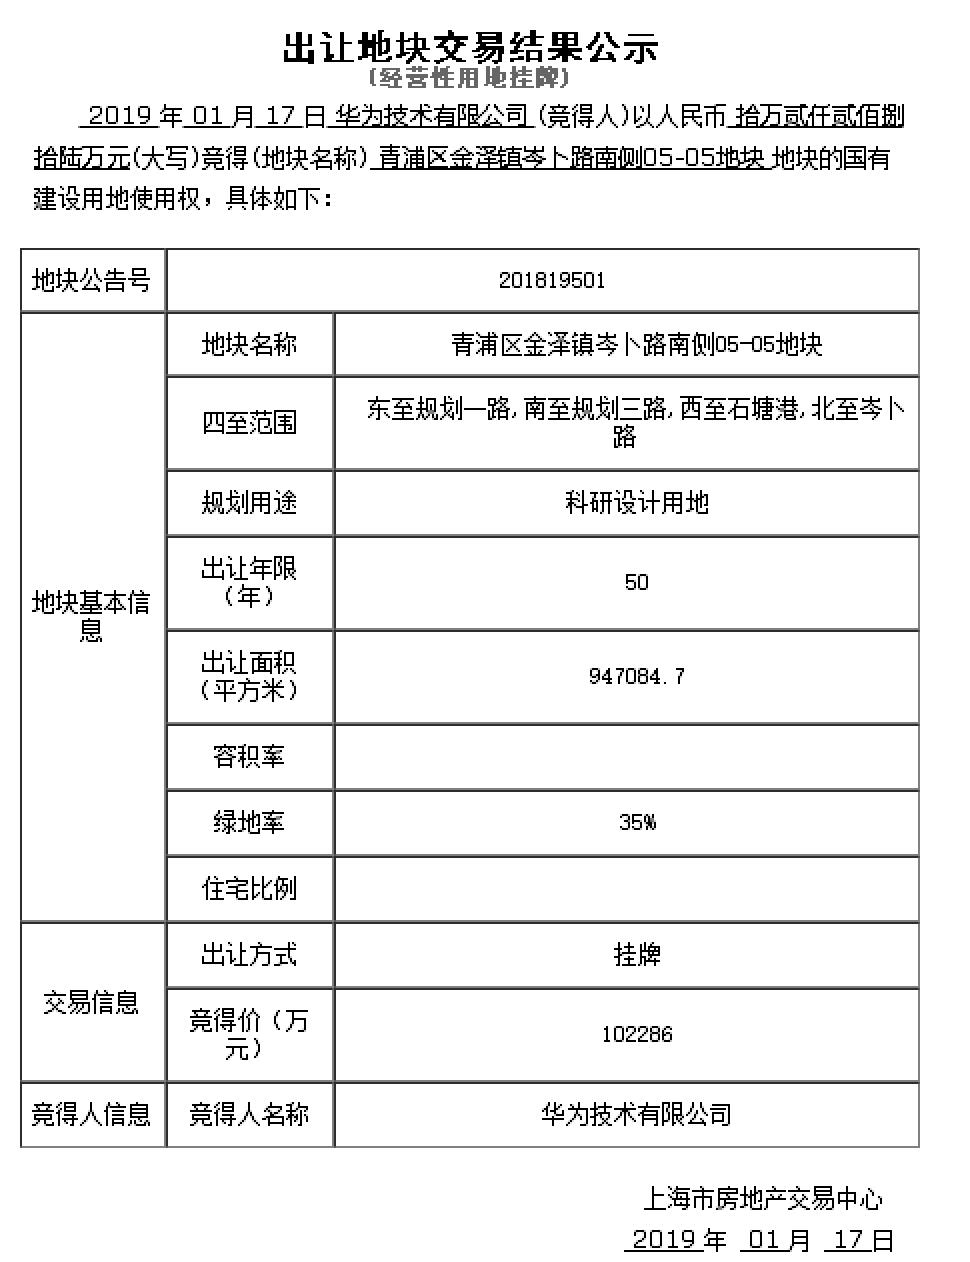 華為上海青浦研發基地完成摘牌。圖/觀察者網